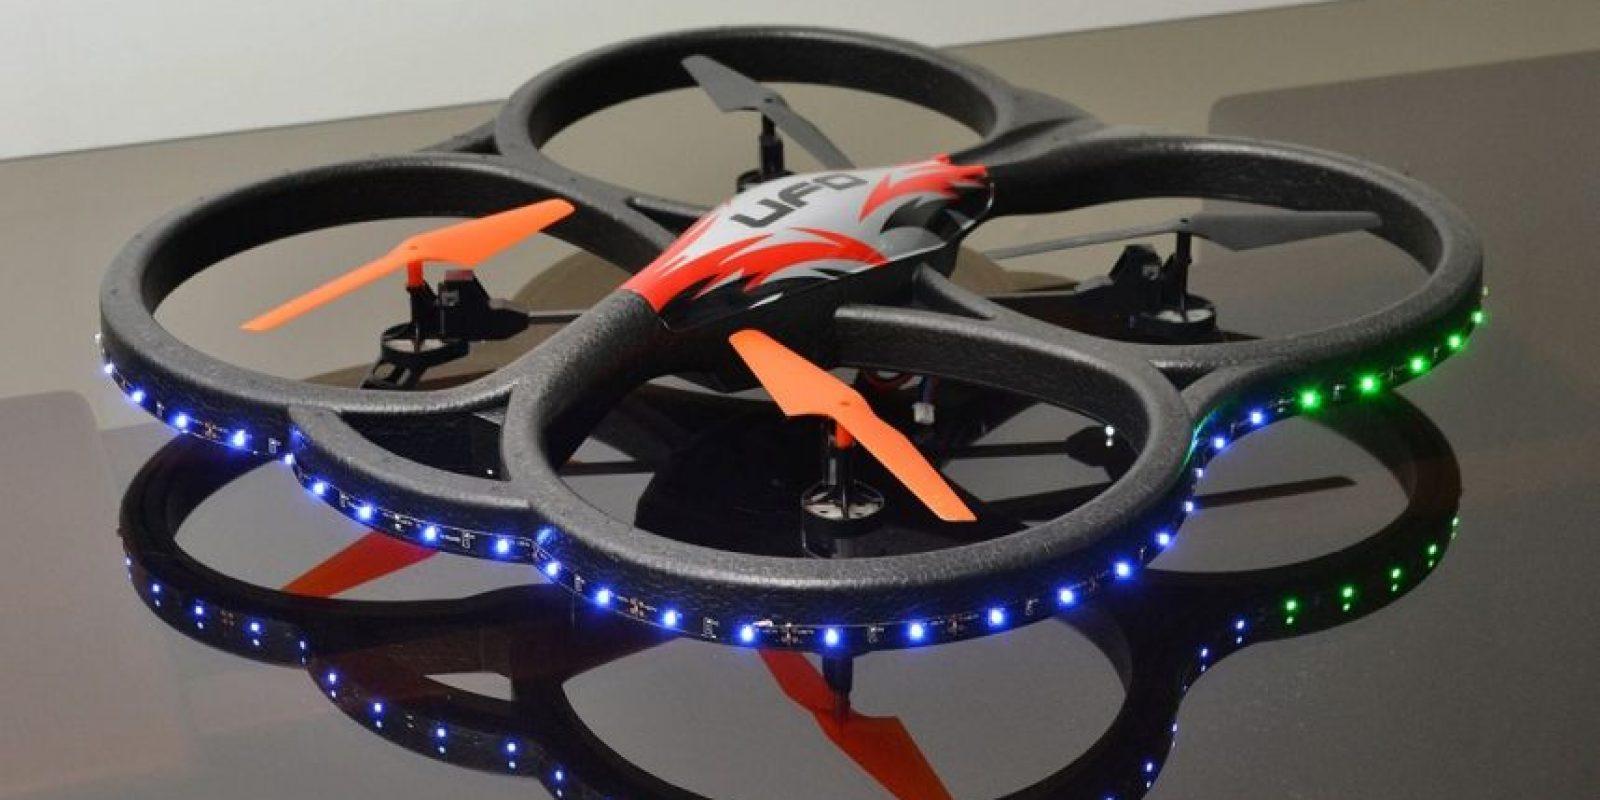 Drone para proyecto de traslado de análisis médicos Foto:Mario de Peña